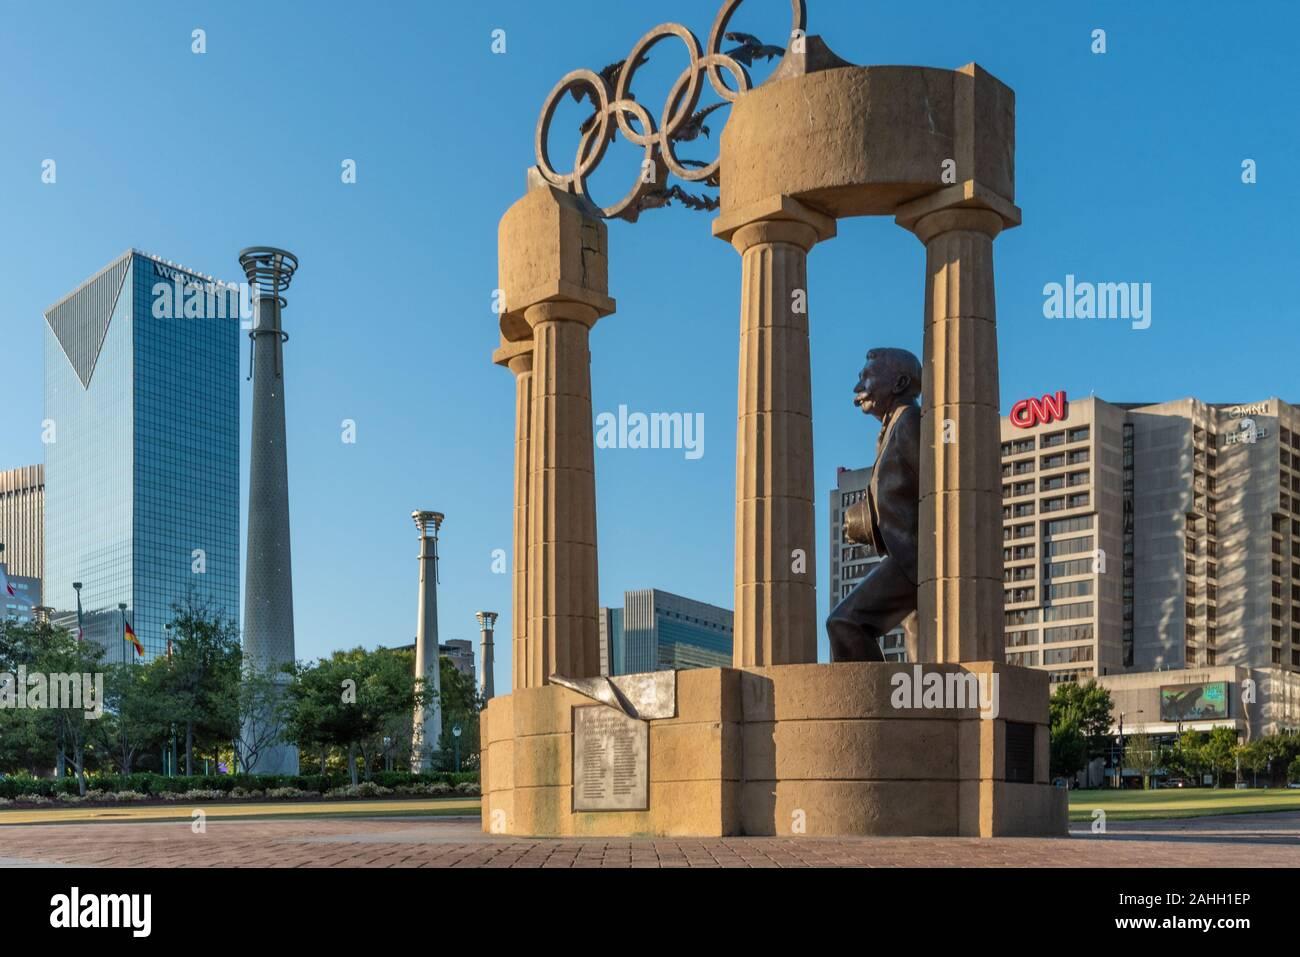 Estatua olímpica en el Centennial Olympic Park en el centro de Atlanta, Georgia. (Ee.Uu.) Foto de stock